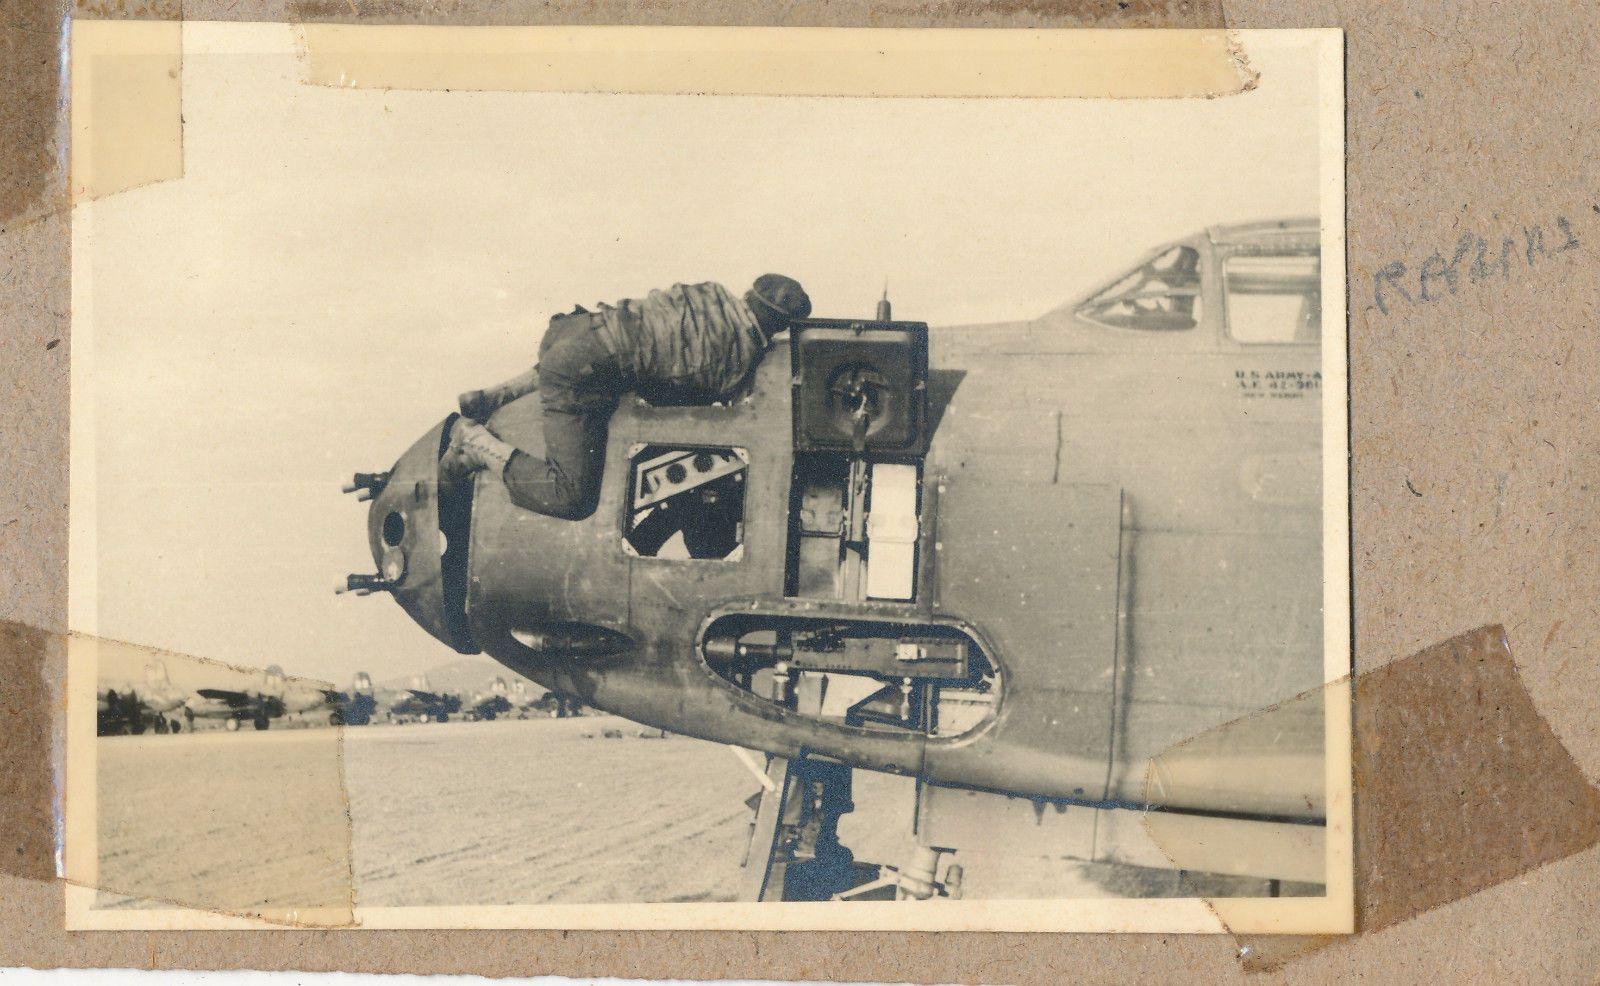 Douglas A-20 Havoc_07_nose gun repair.jpg